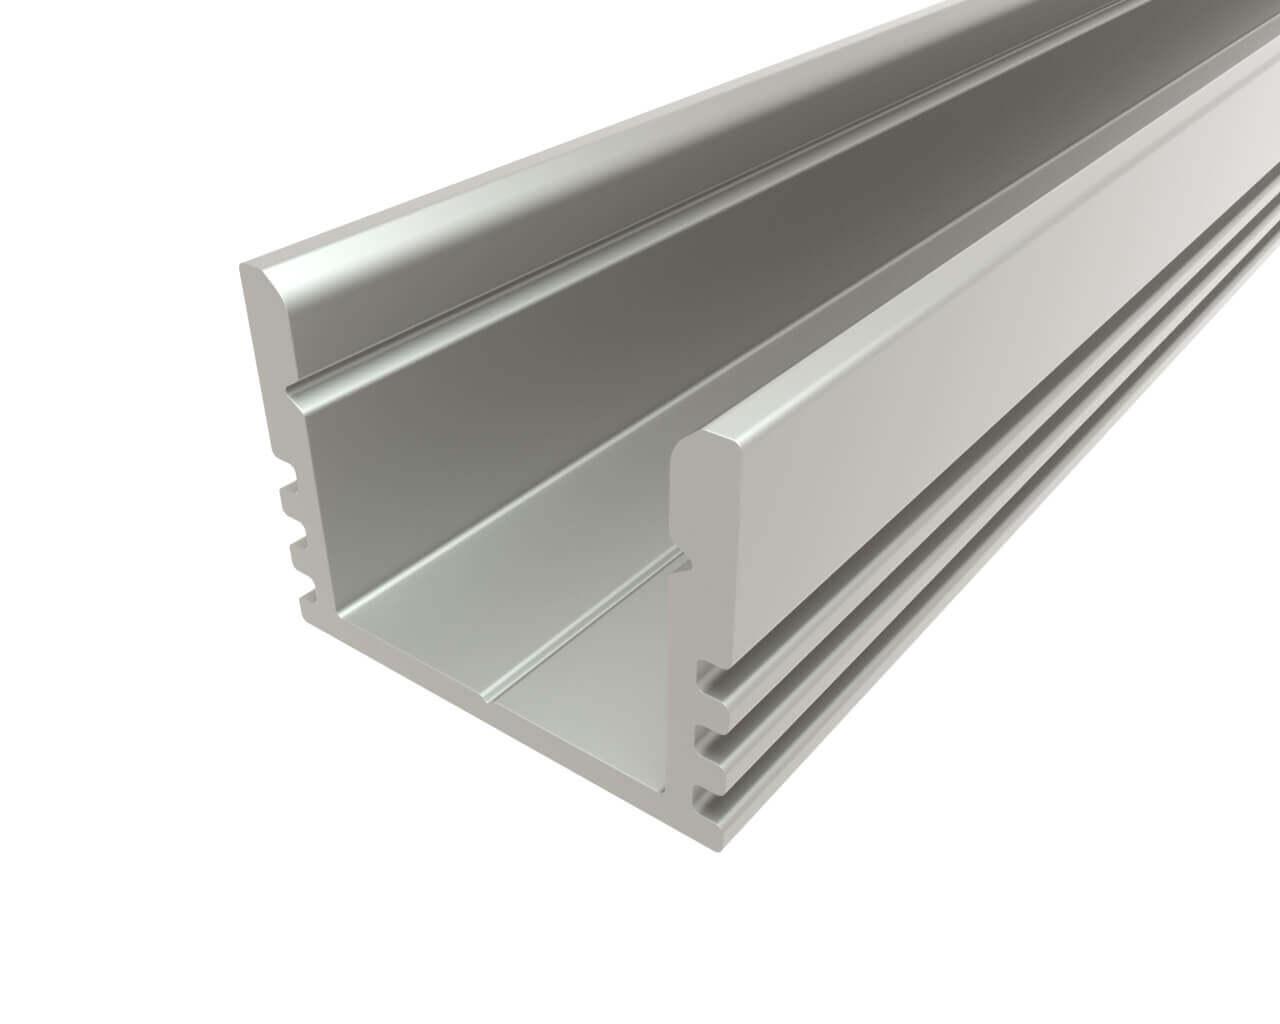 Профиль накладной алюминиевый LC-LP-1216-2 Anod